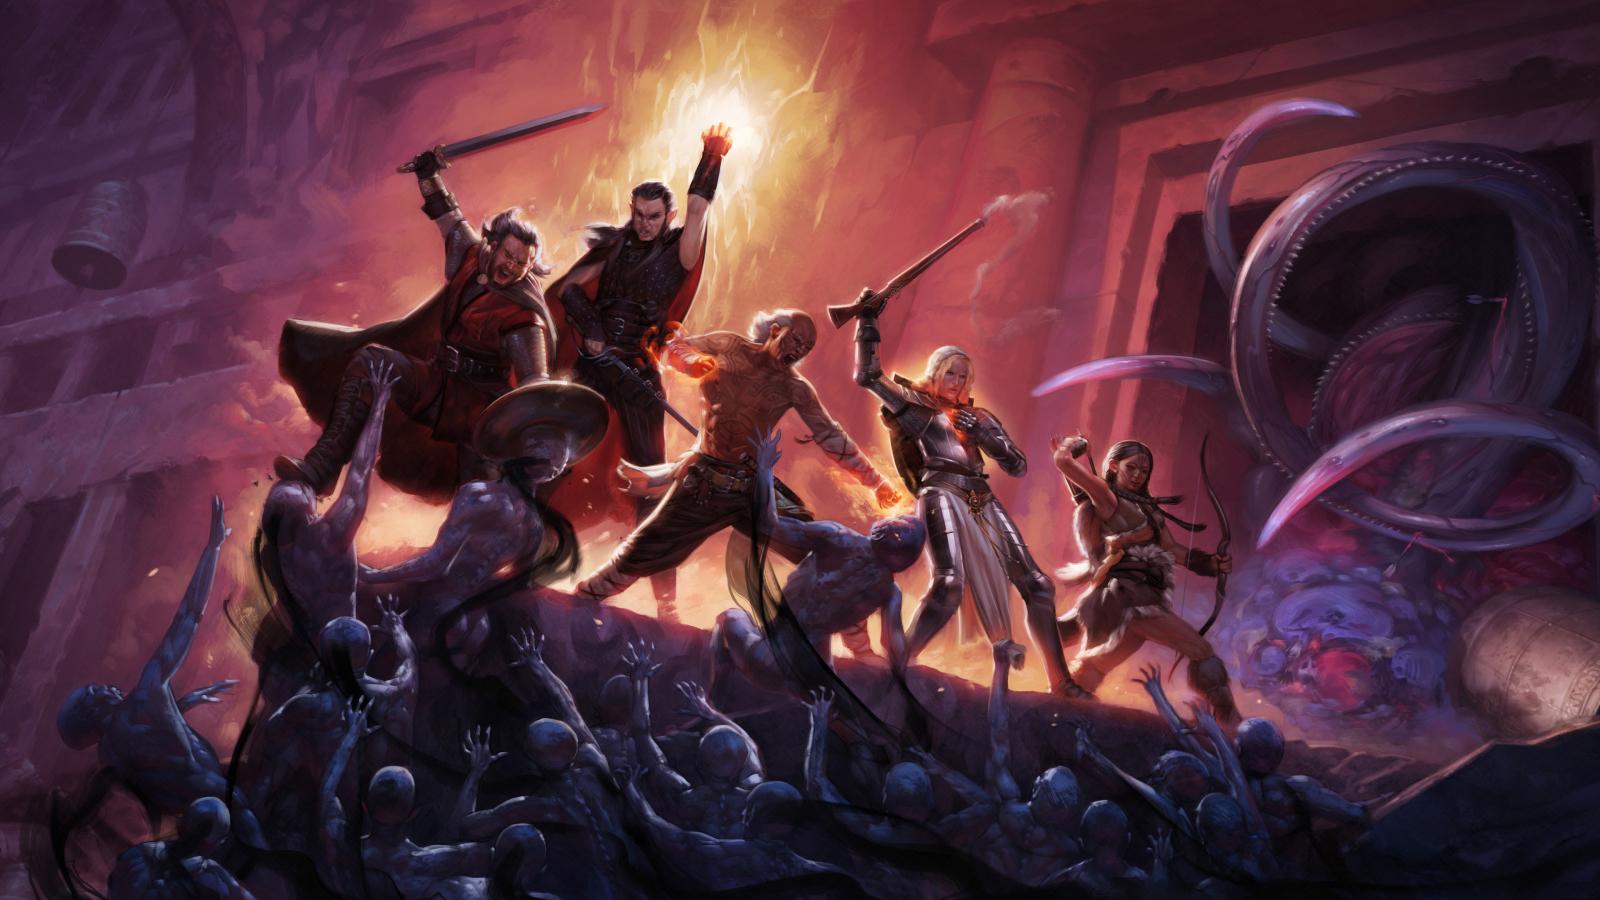 Versus Evil сложила руки: Switch-версия Pillars of Eternity перестанет получать обновления